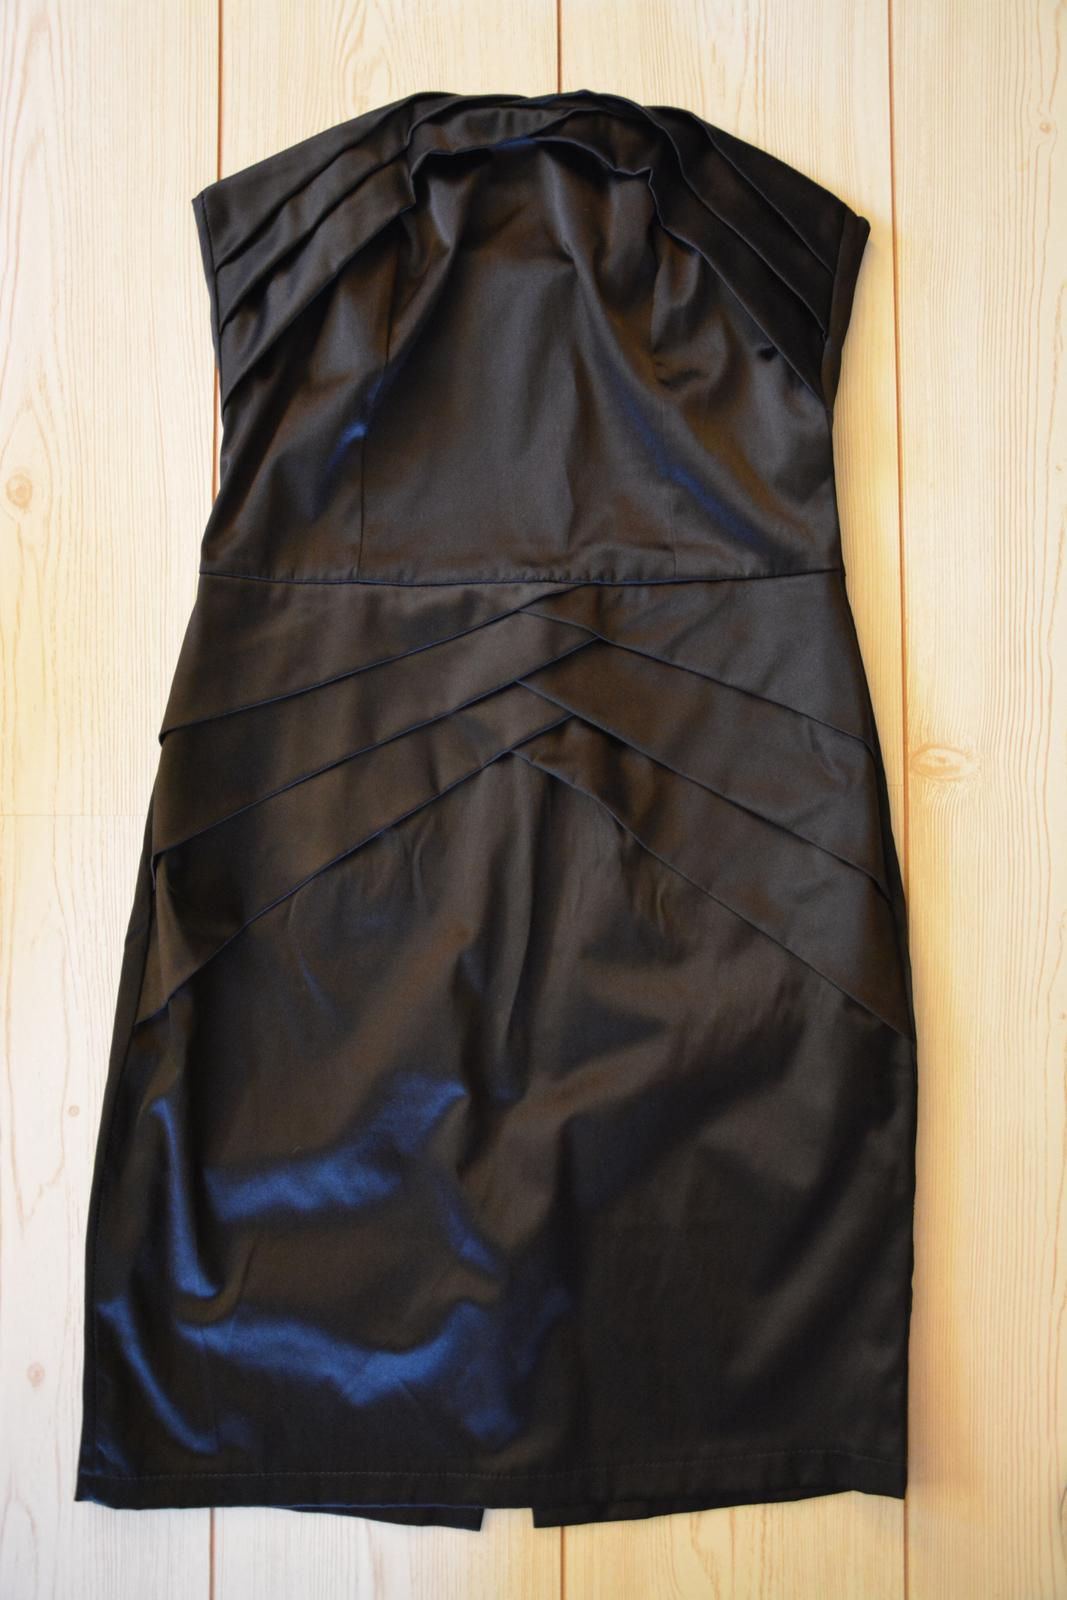 Pouzdrové šaty - Obrázek č. 1